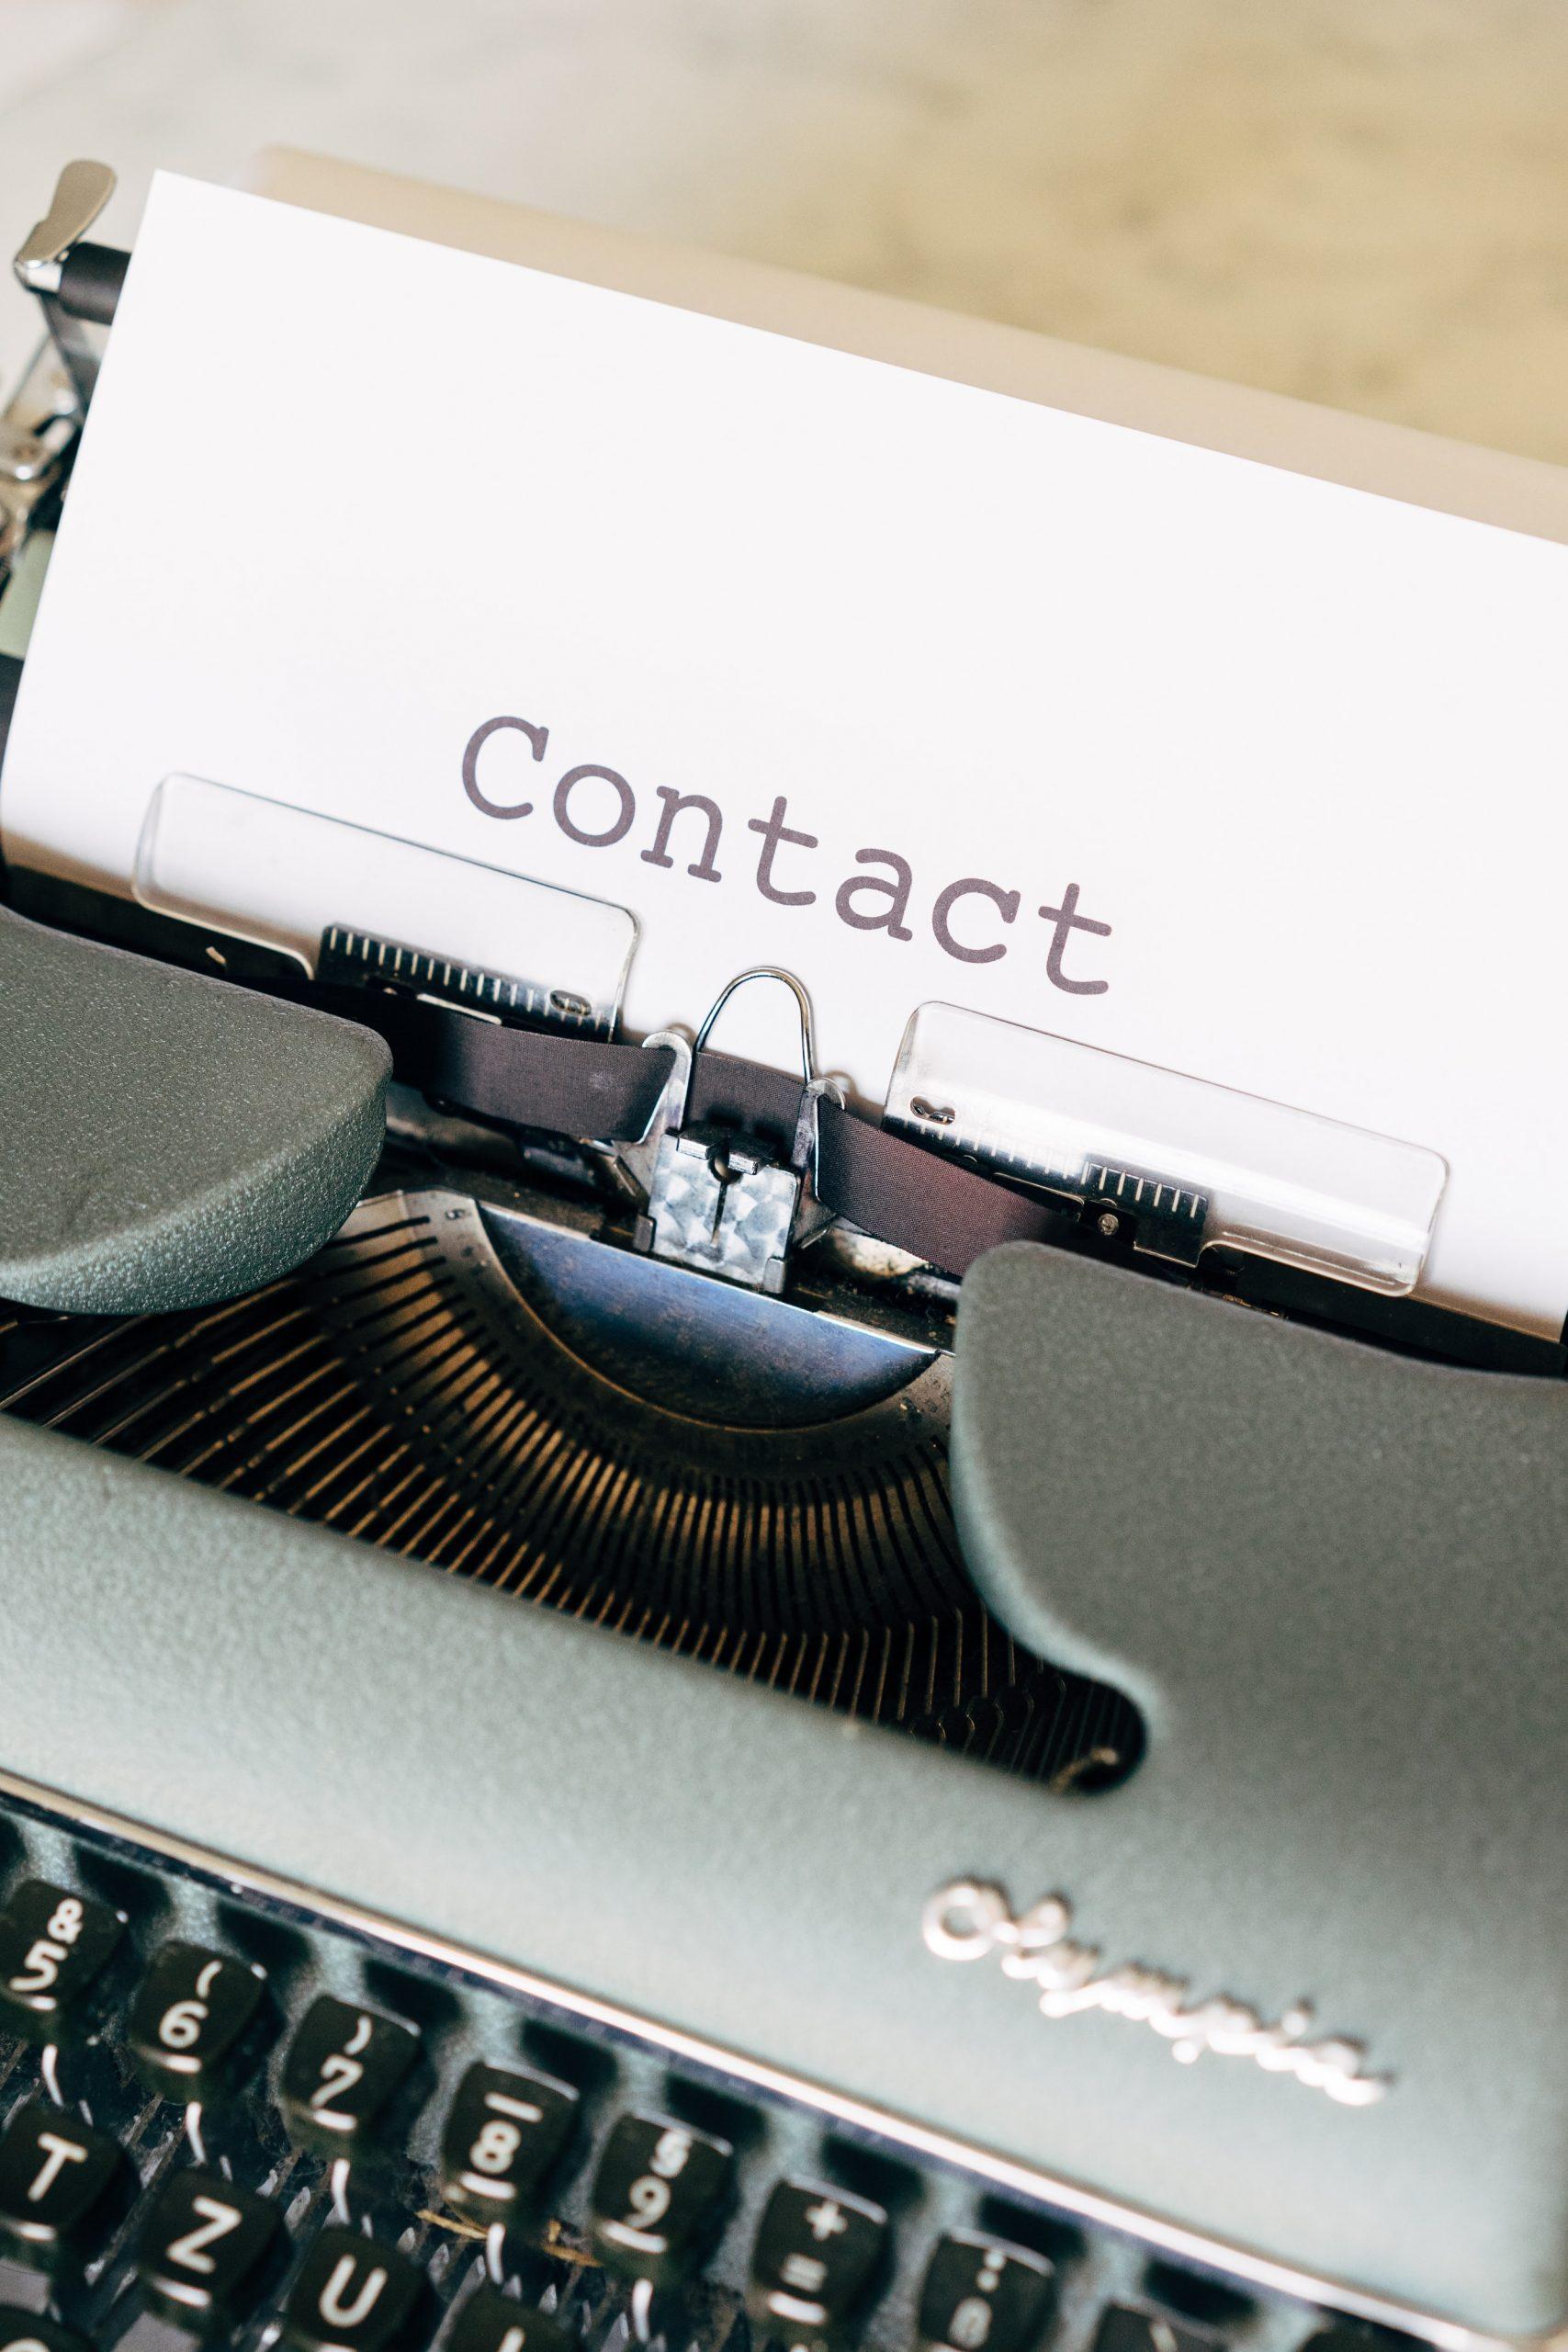 Contact maken met iemand in de gevangenis